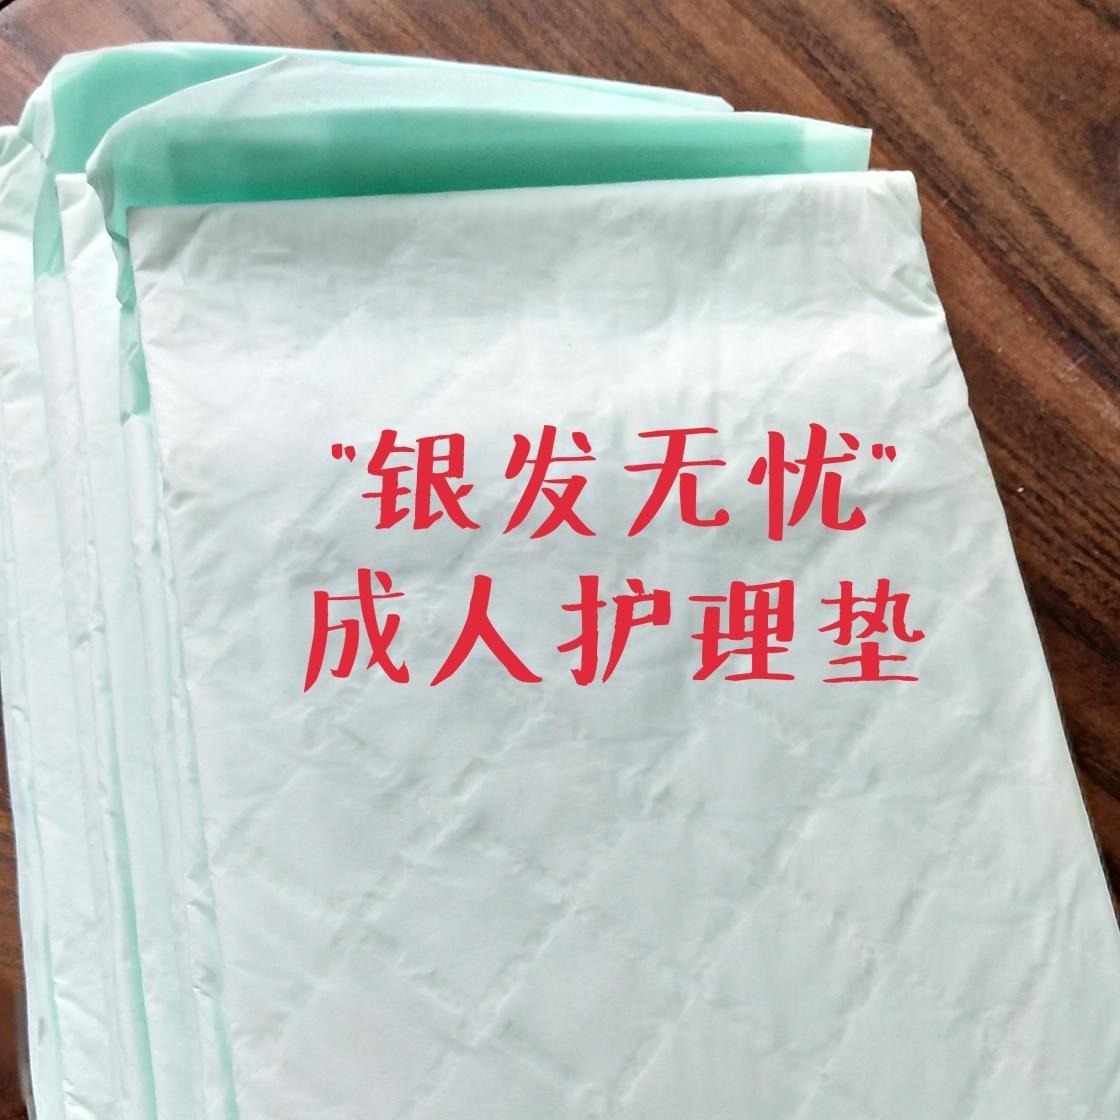 康美泰银发无忧1001号900mm一次性成人护理垫产褥垫隔尿垫